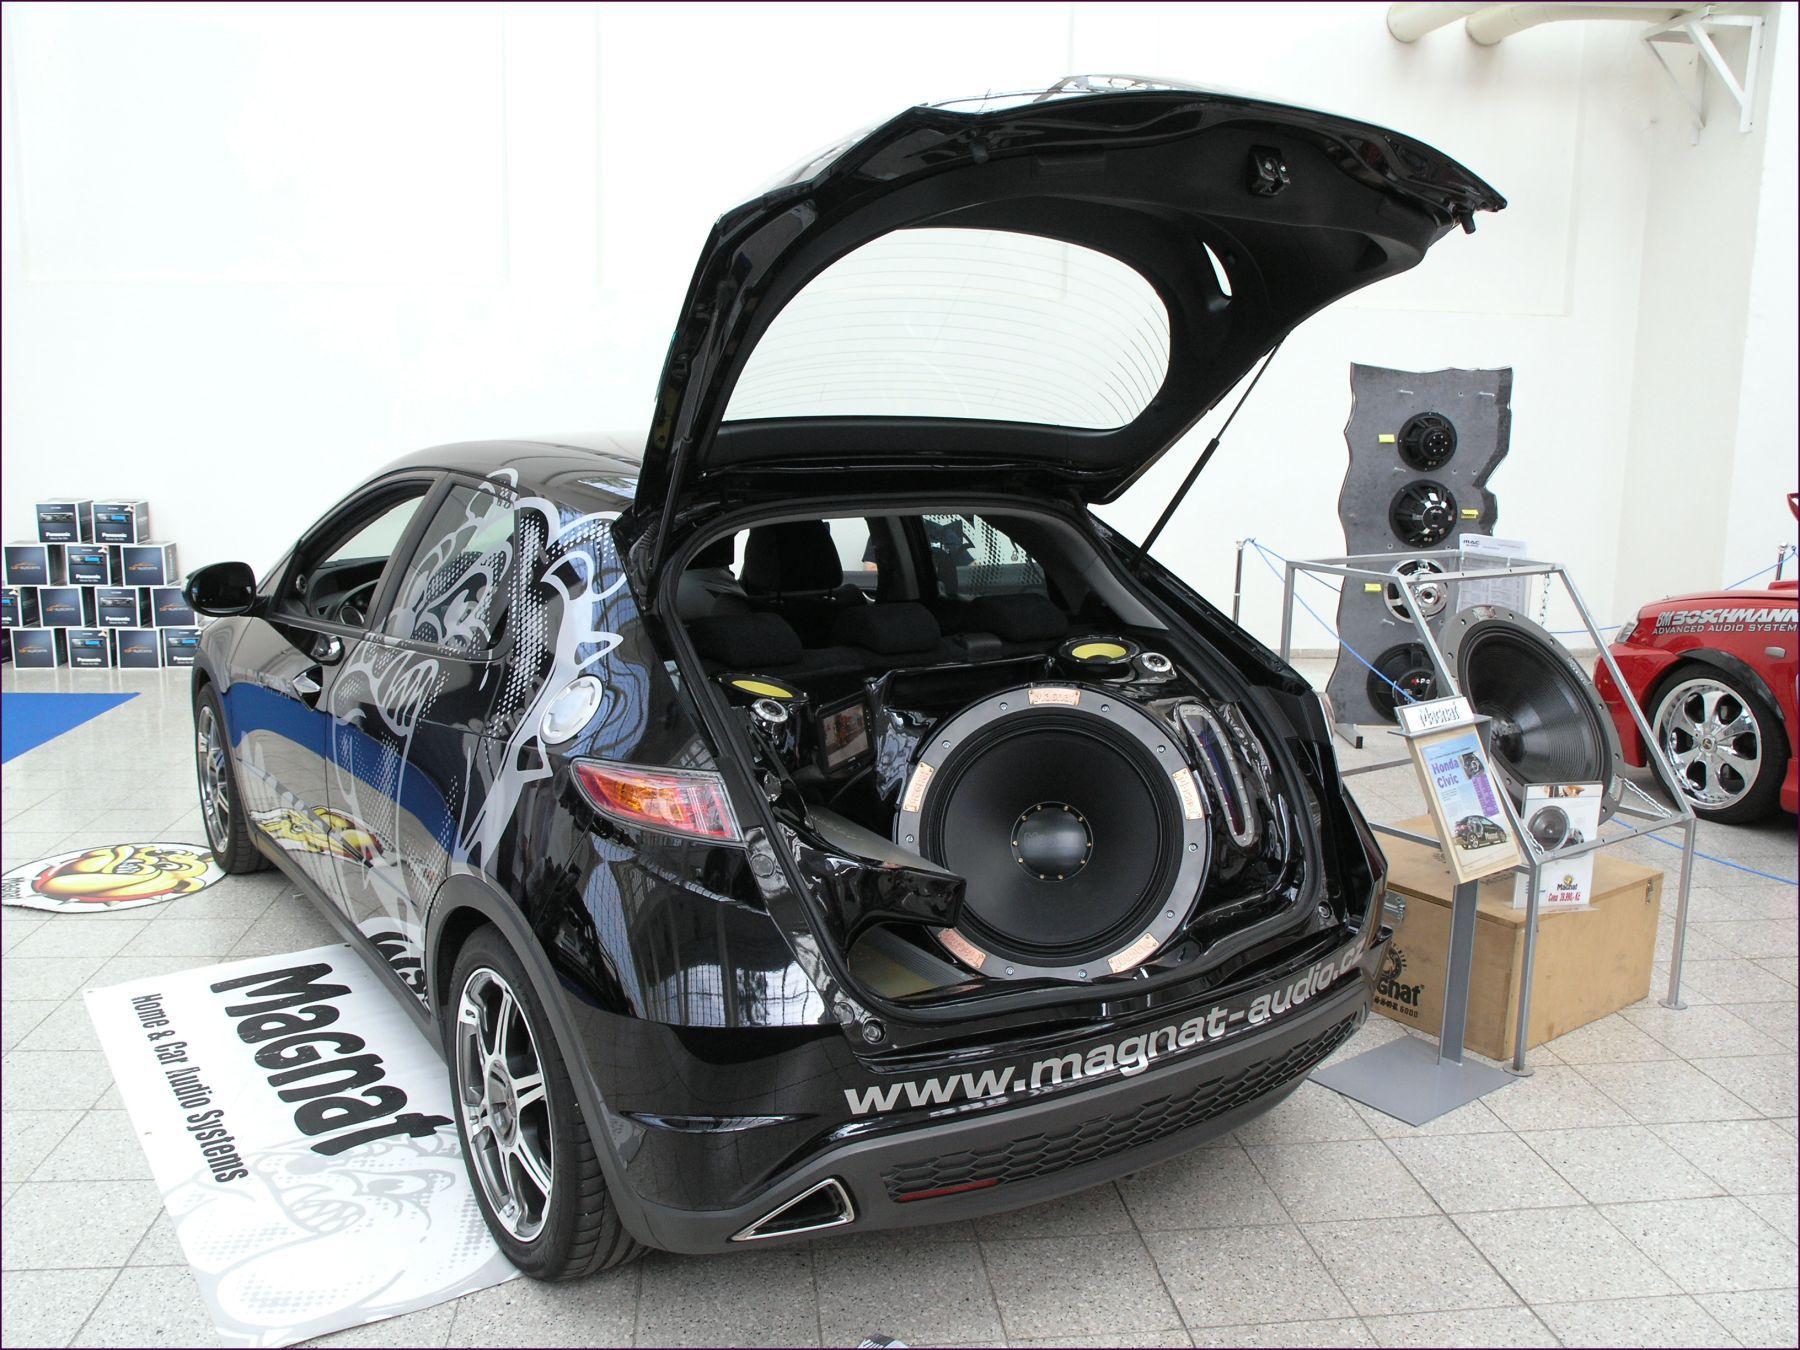 Honda Civic Tuning >> File Honda Civic Tuning Jpg Wikimedia Commons